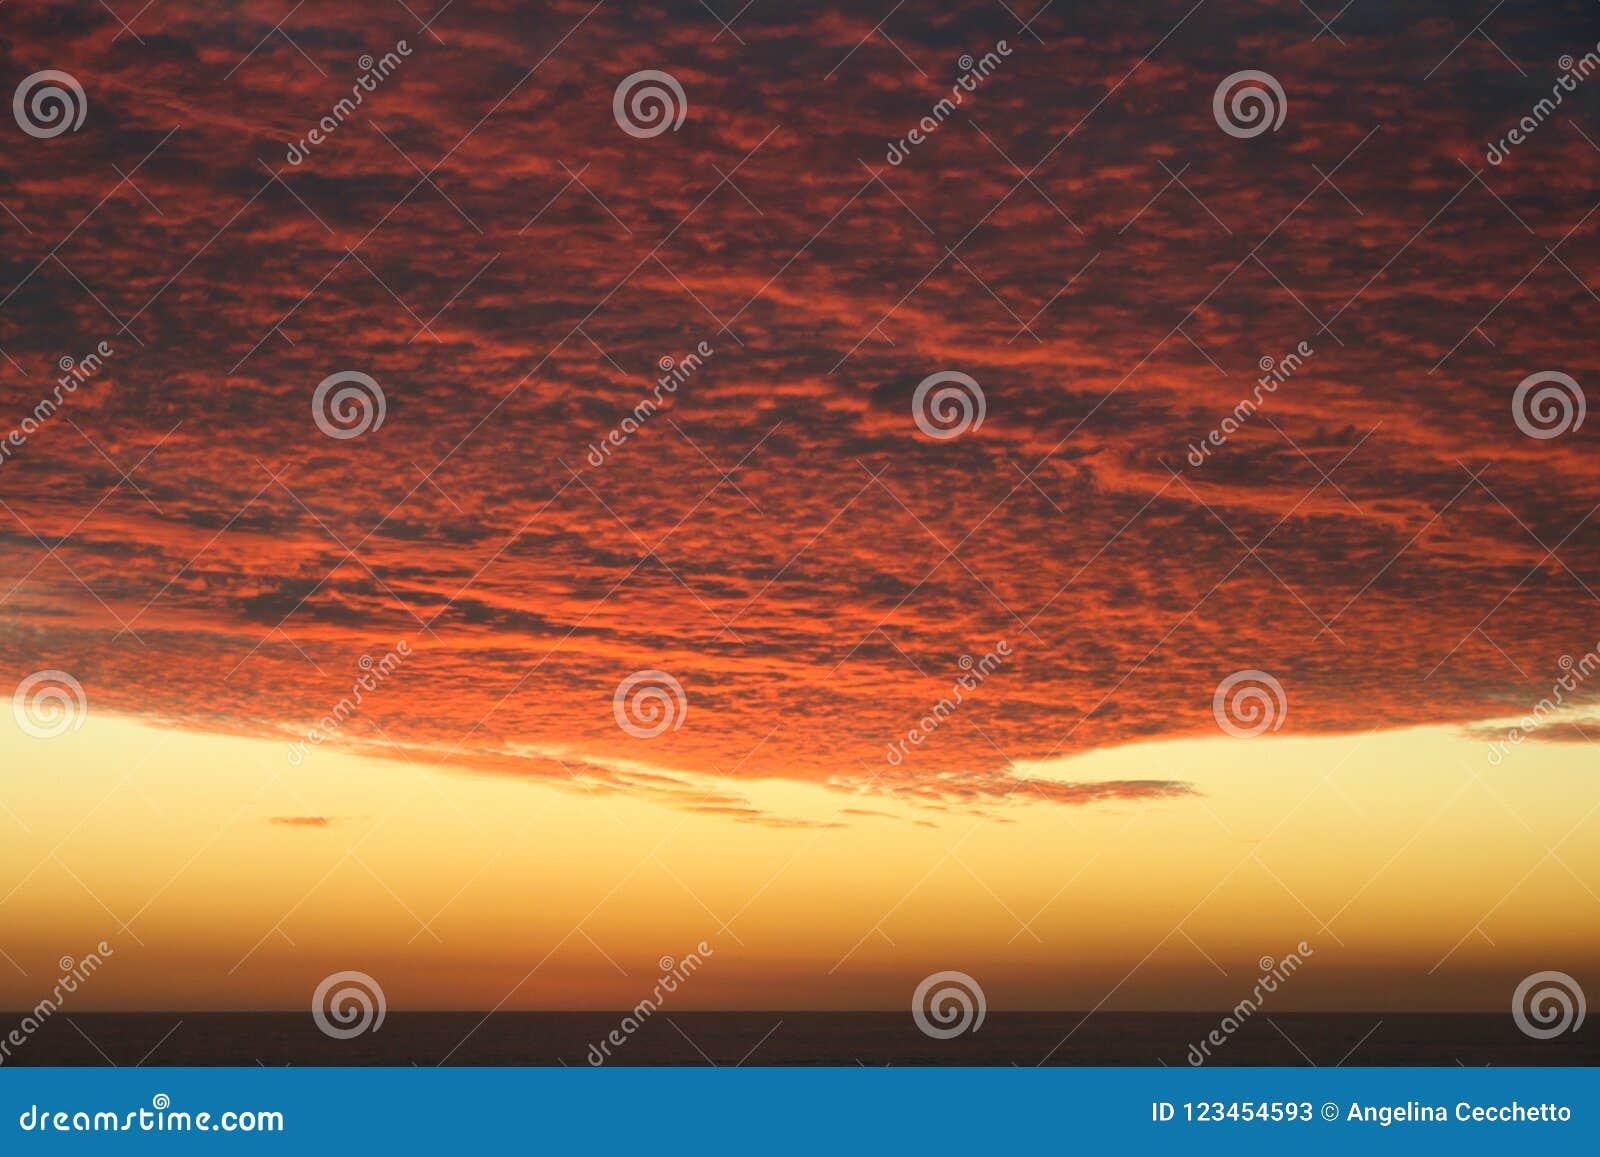 Puesta del sol carmesí volcánica dramática sobre el Océano Pacífico